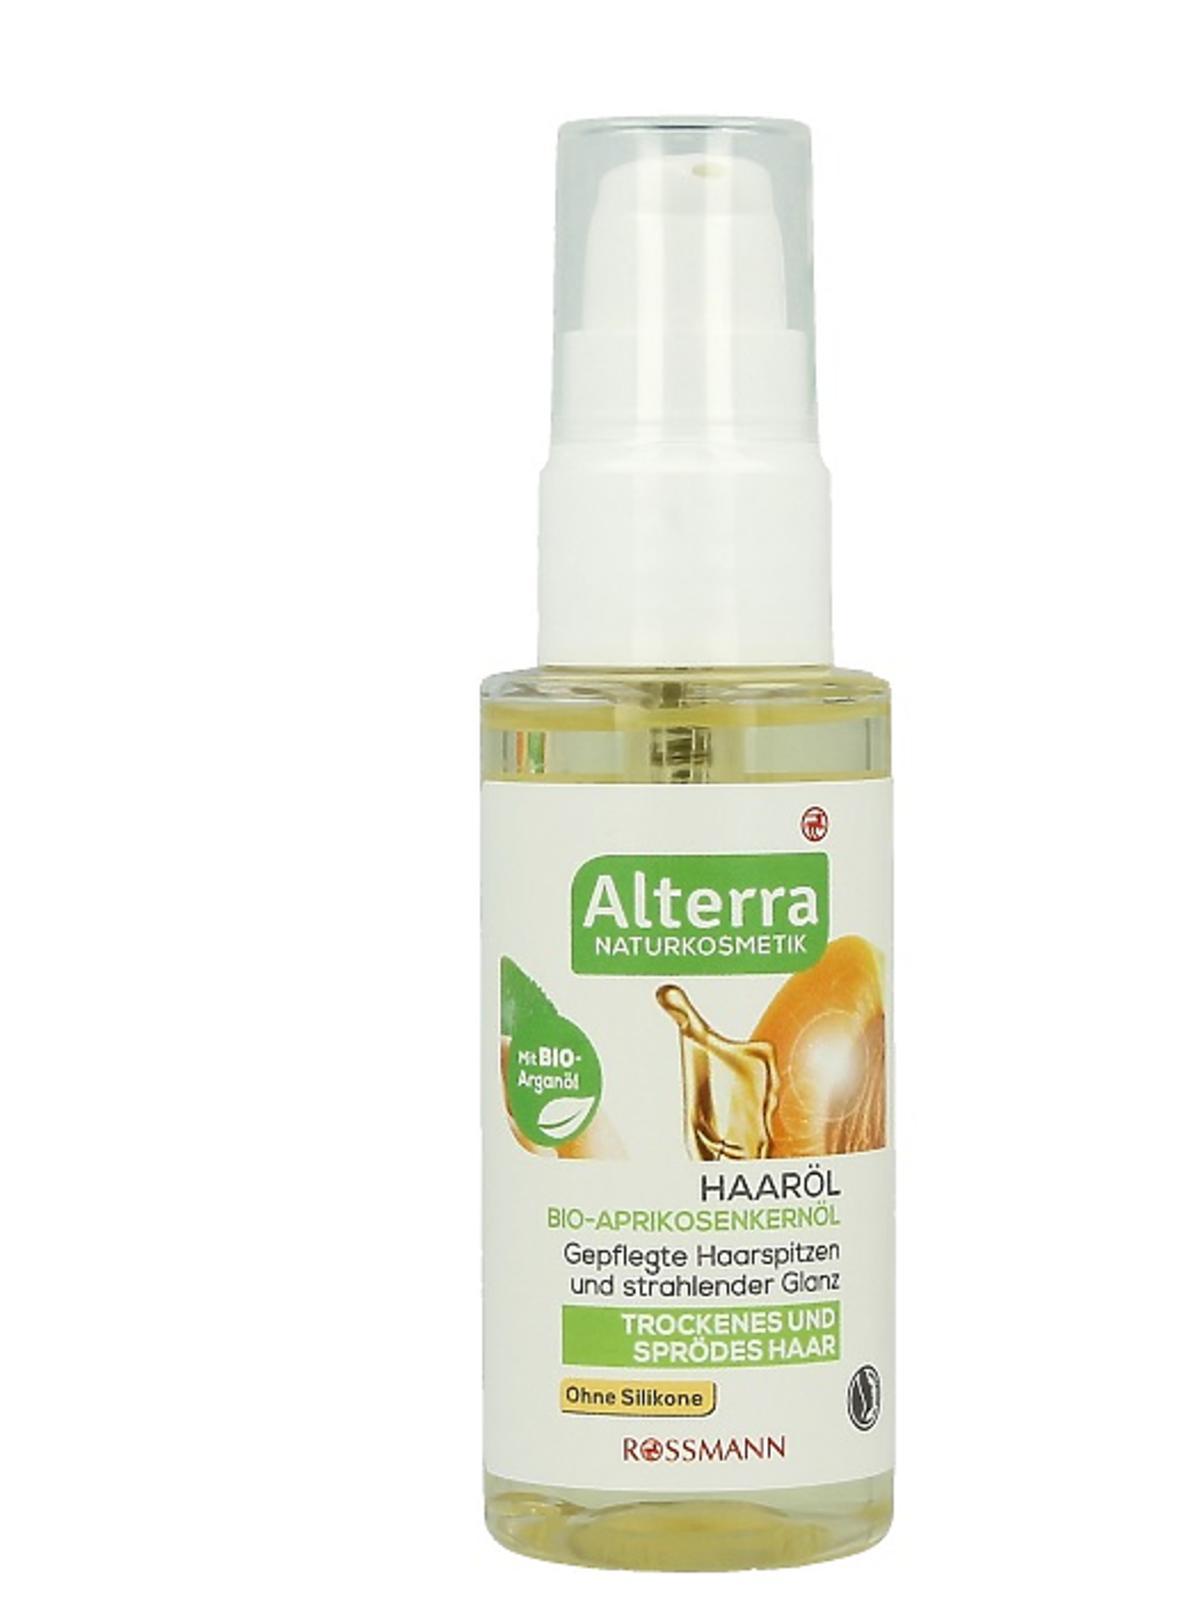 Alterra olejek do włosów suchych i łamliwych, 14,99zł